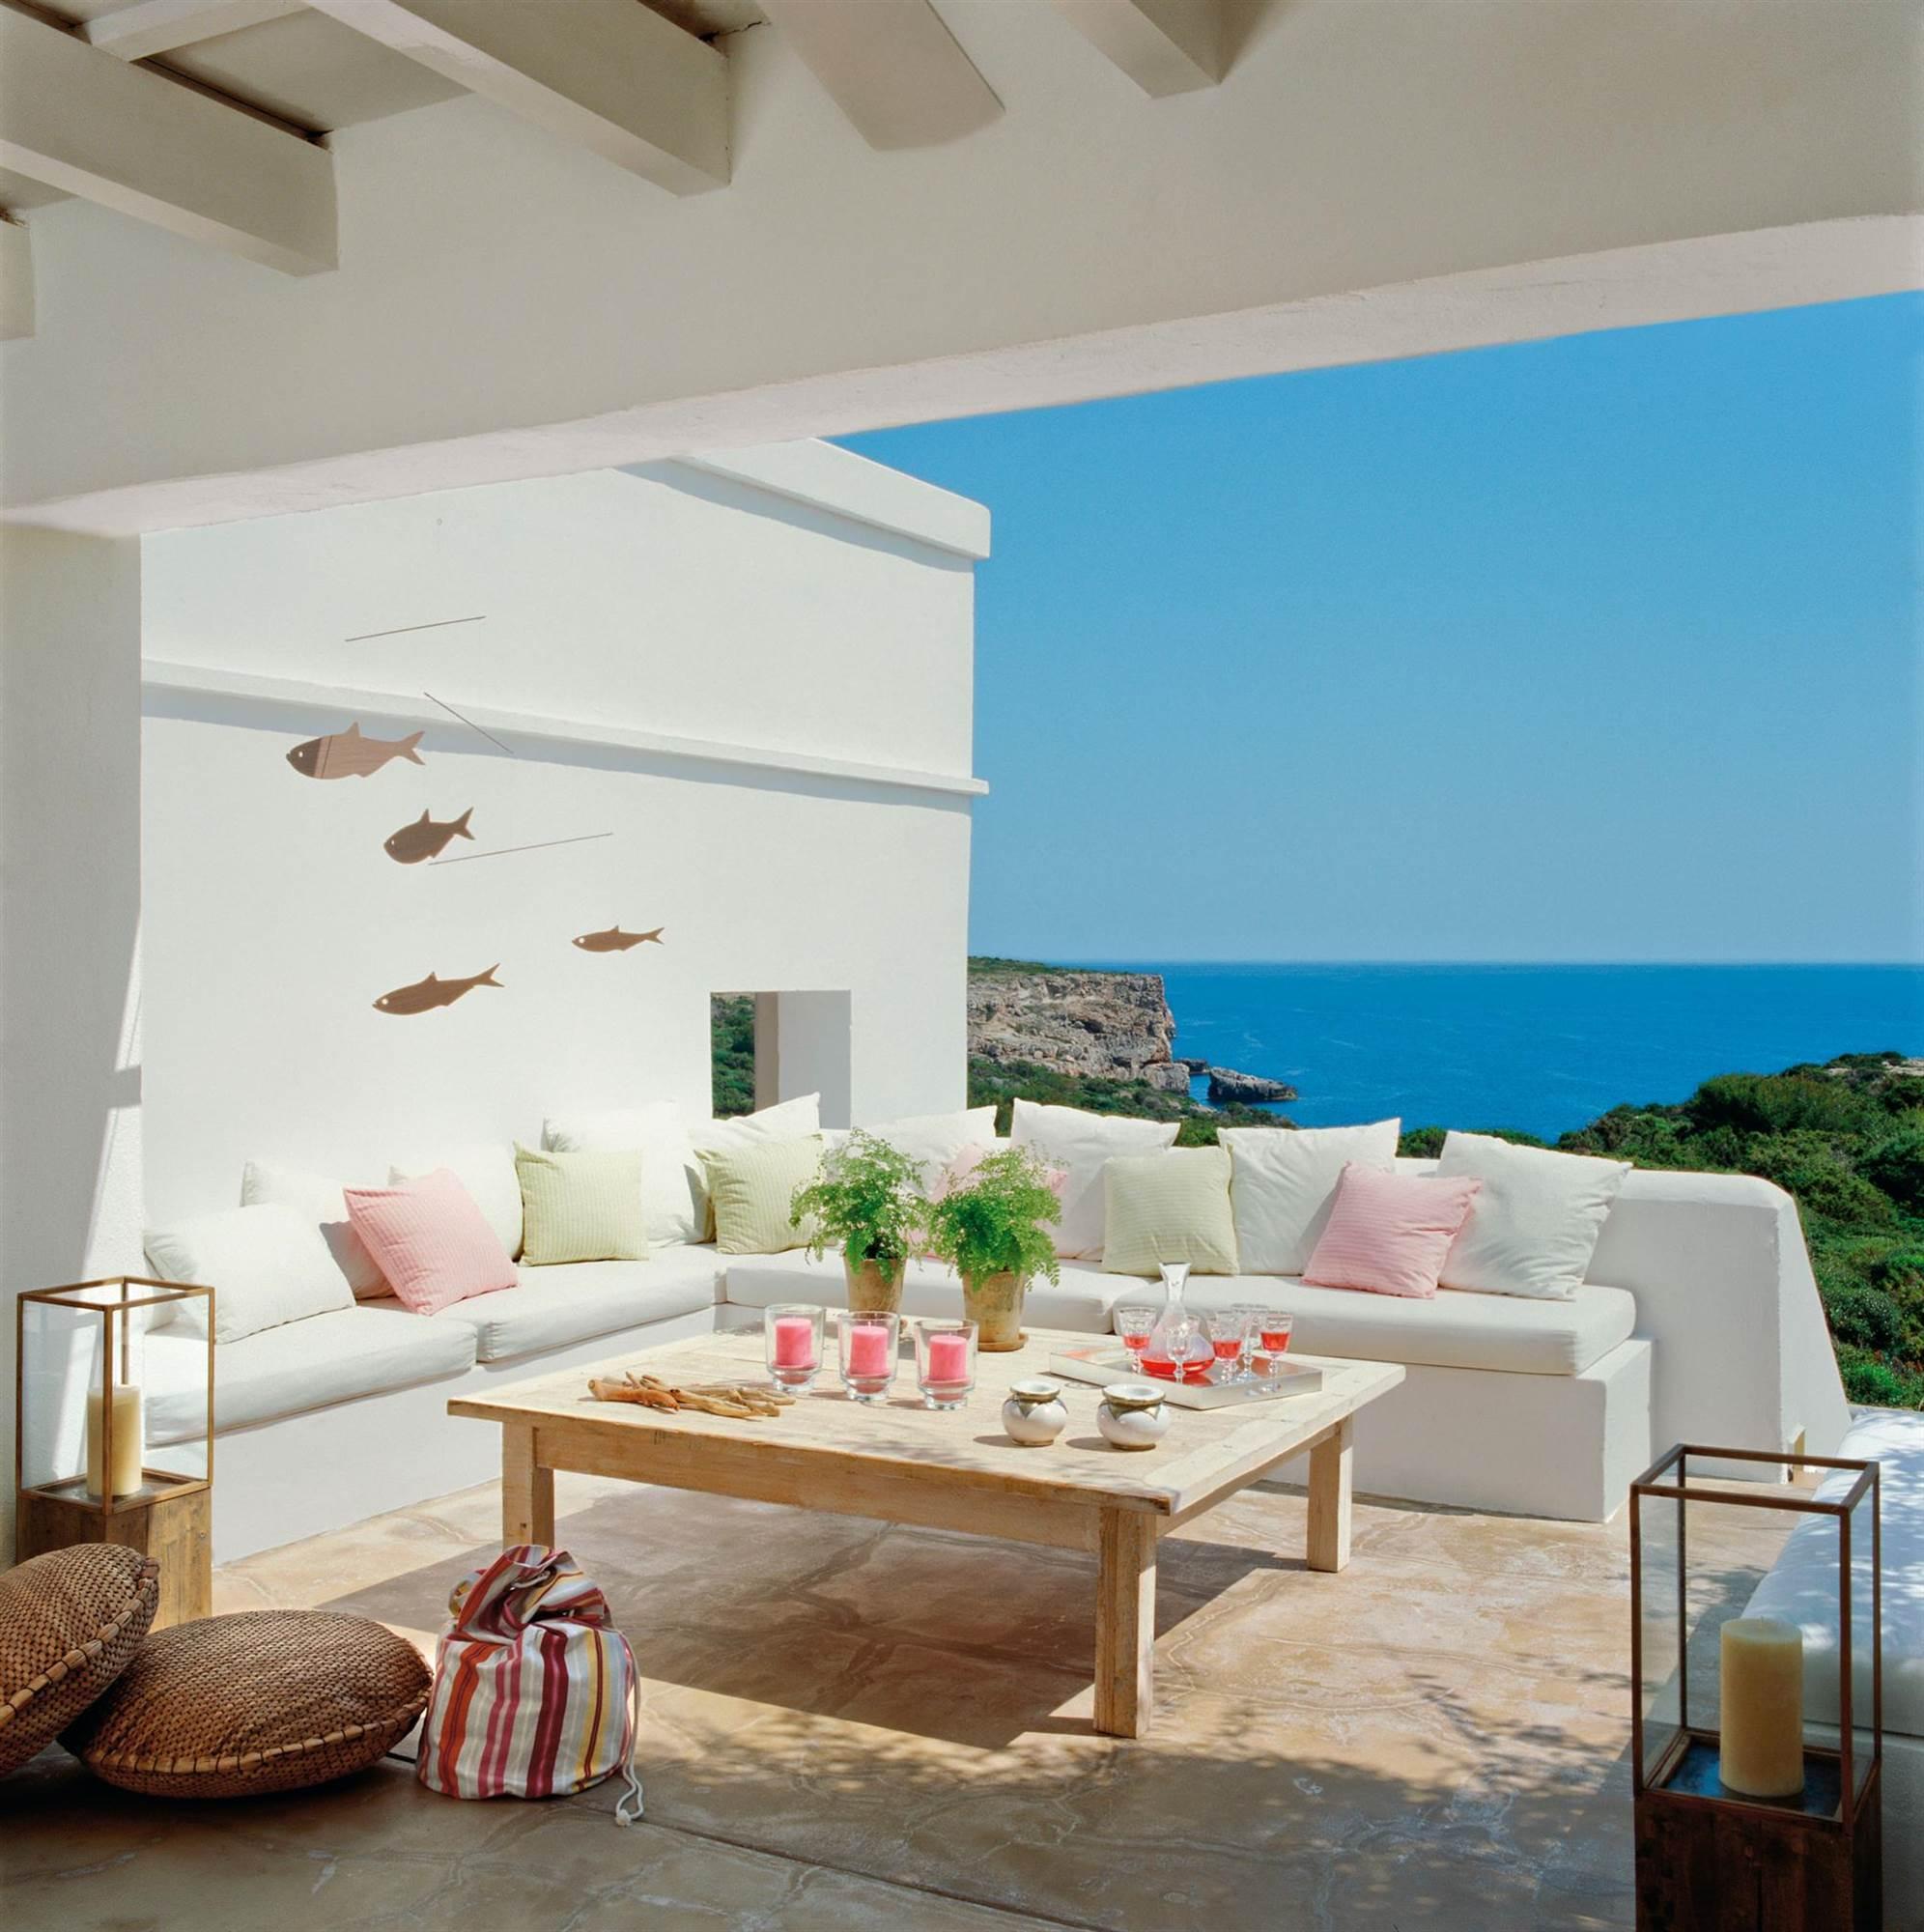 C mo crear un rinc n chill out en casa - Terrazas chill out decoracion ...